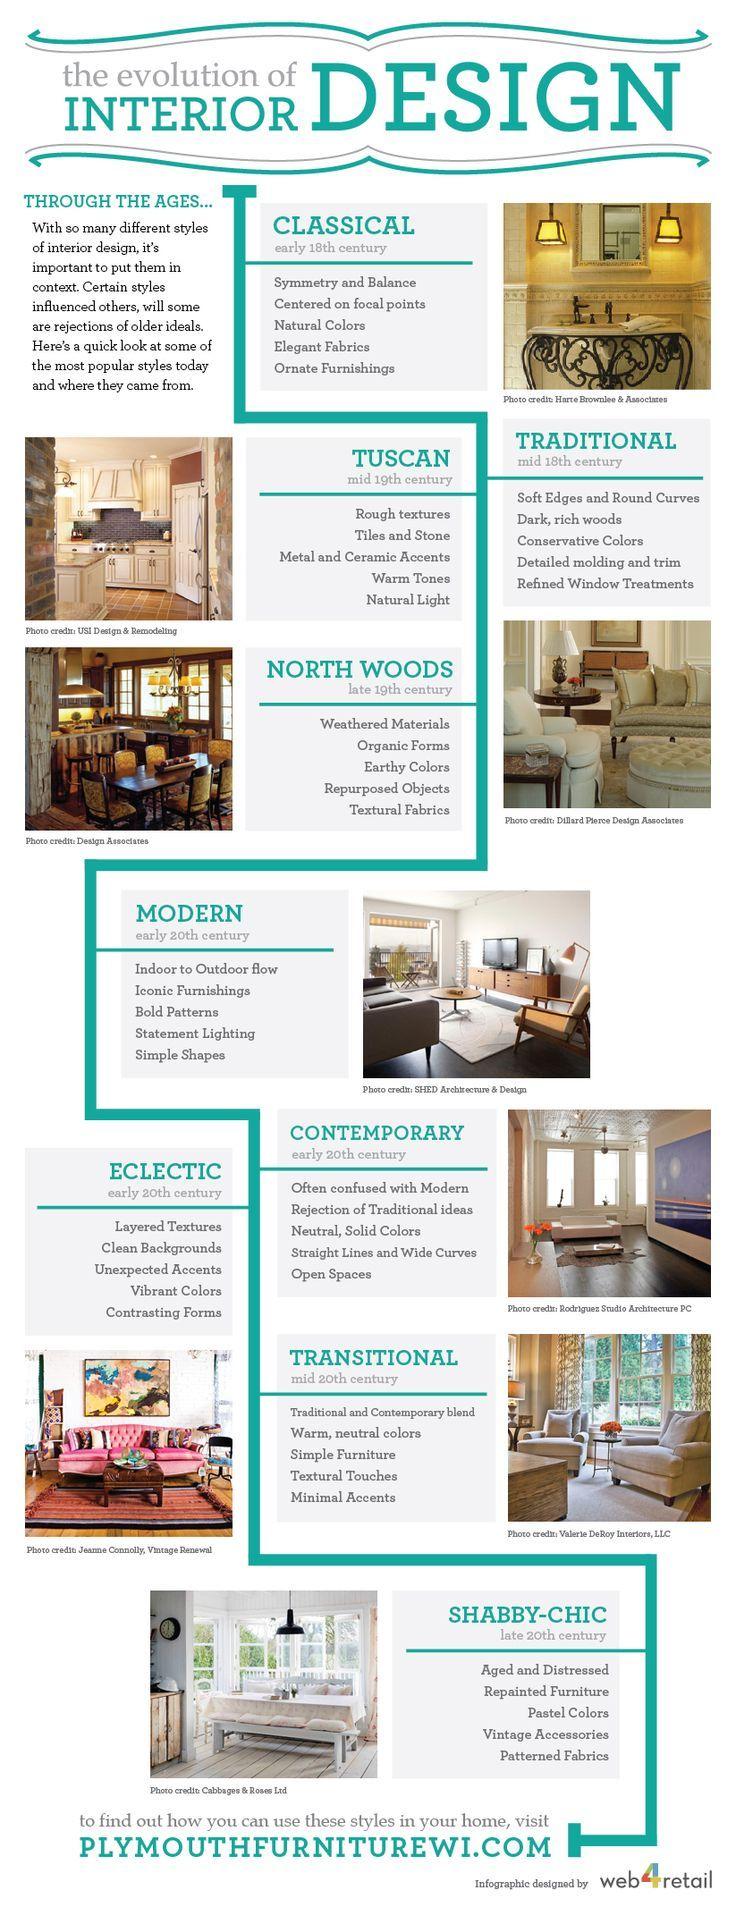 Amusing 60 Interior Design Facts Inspiration Design Of Quick Facts